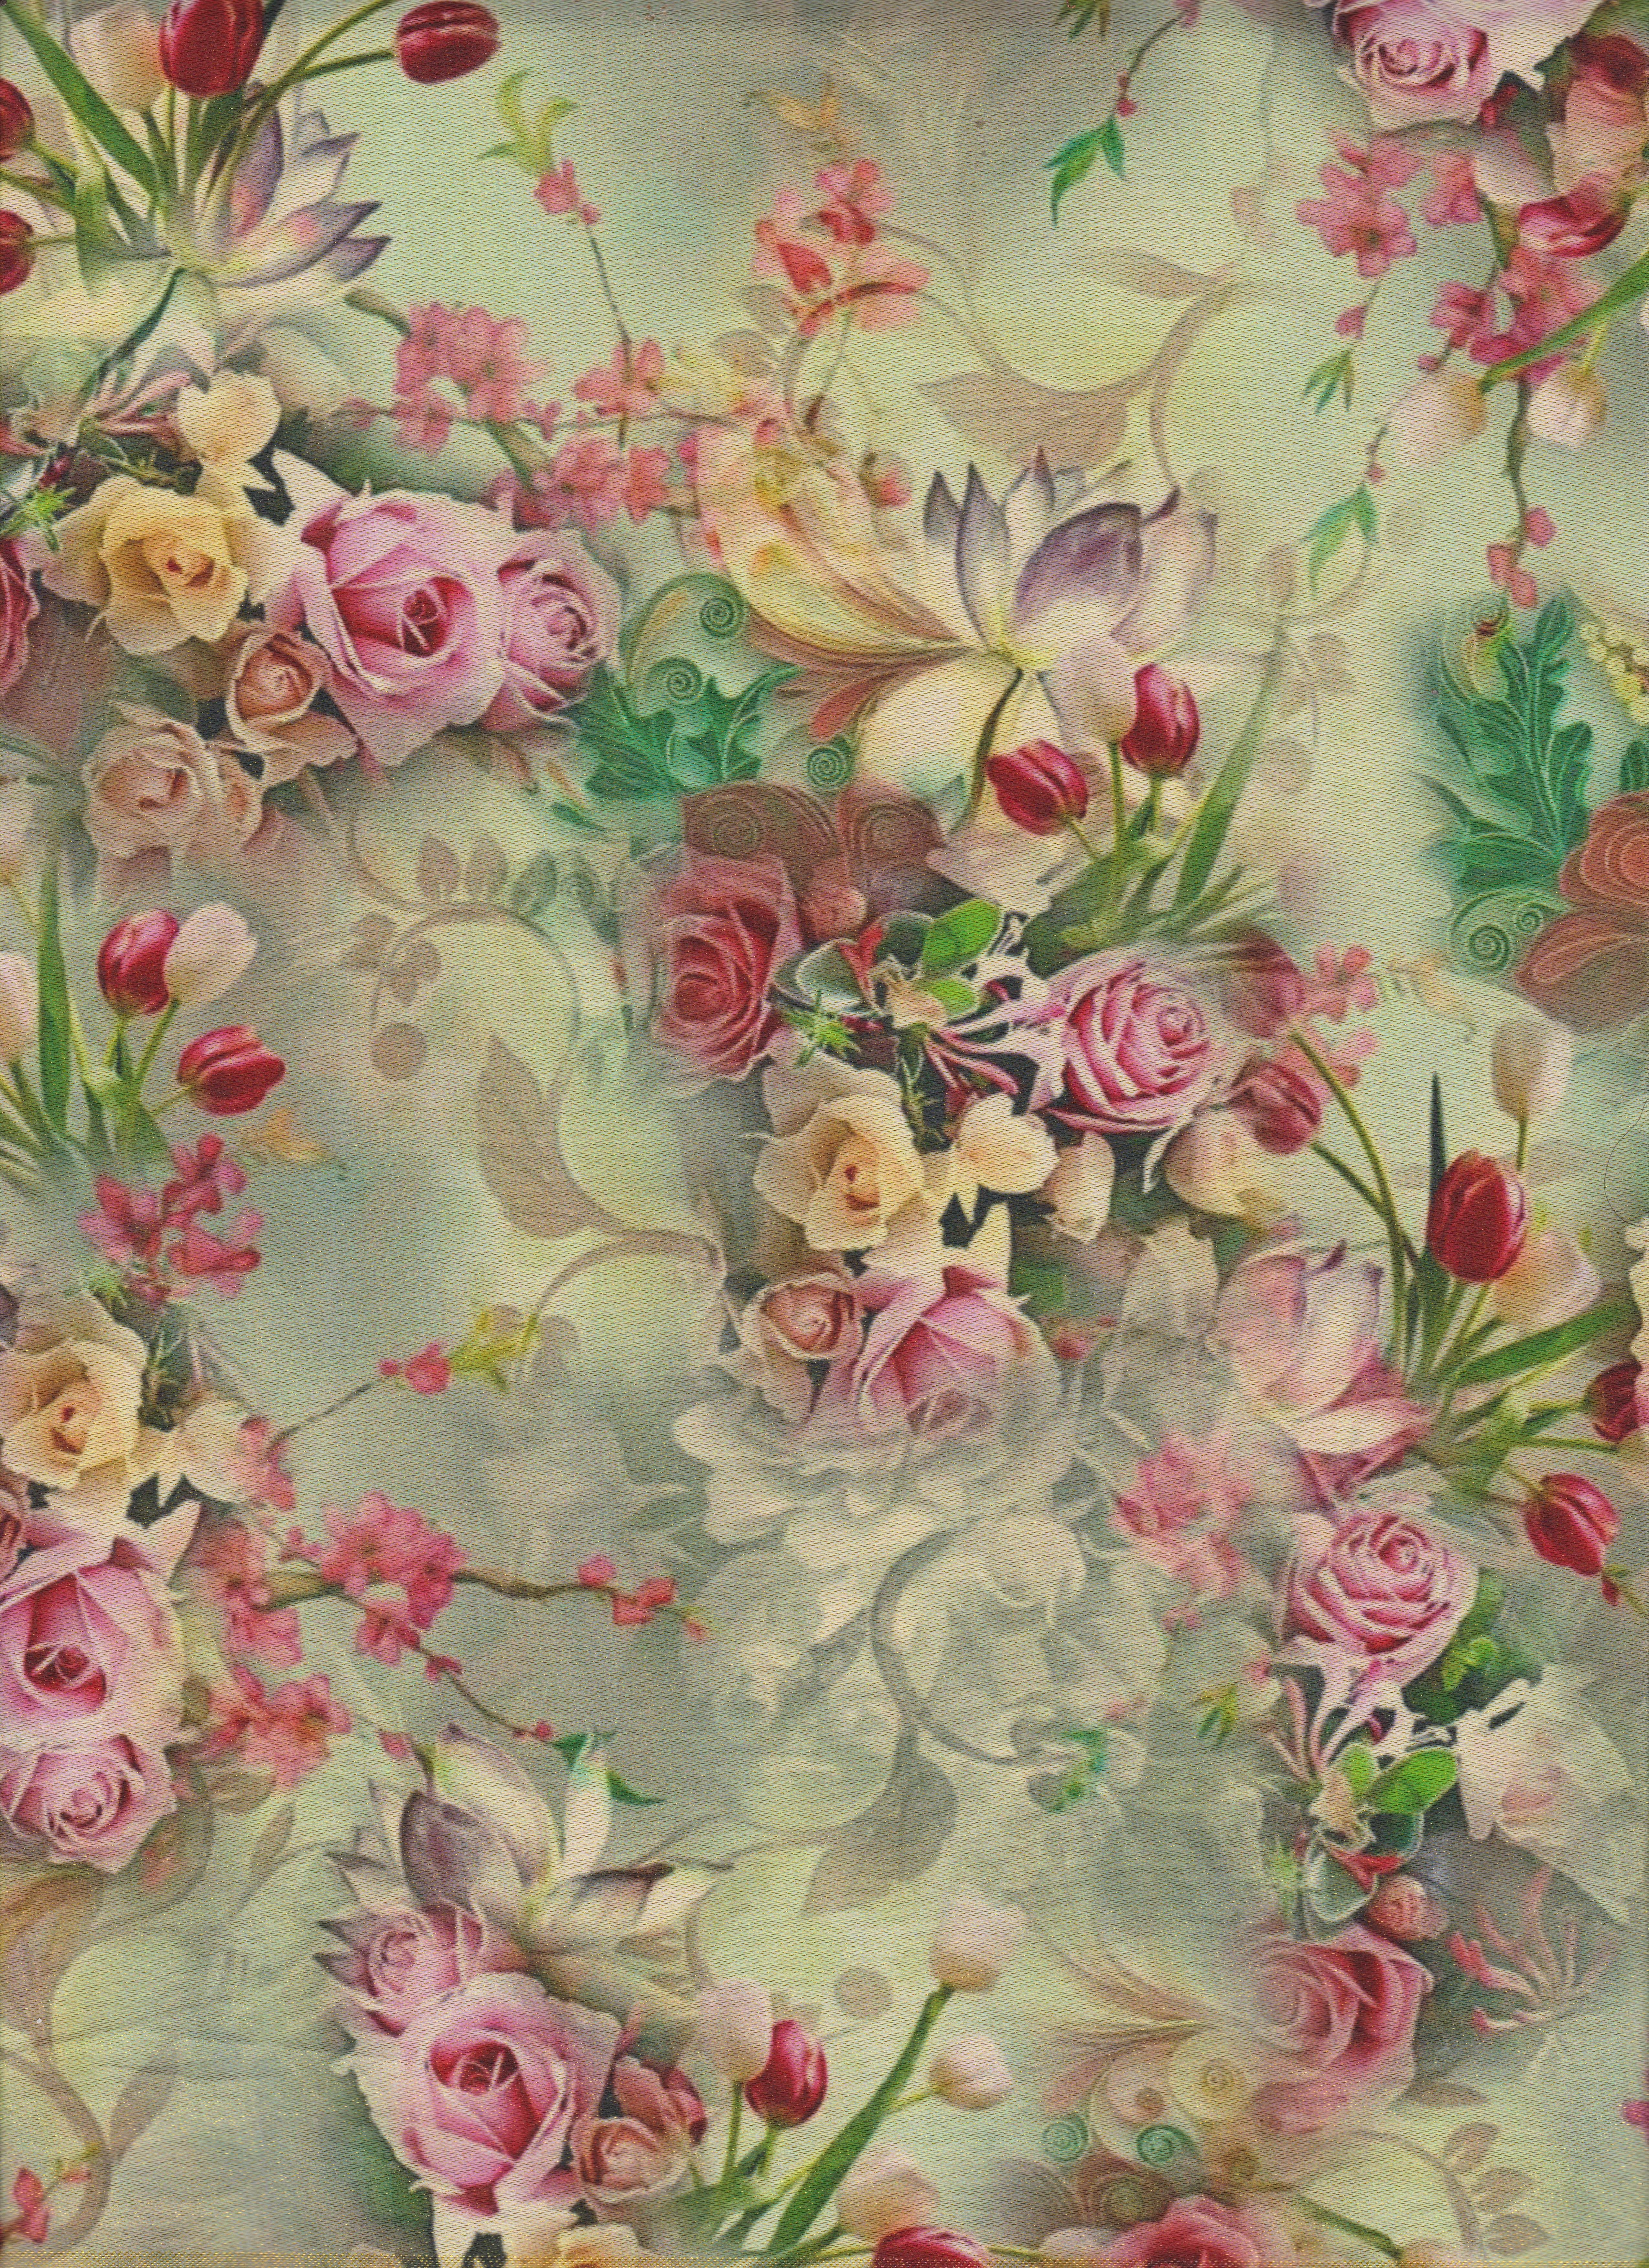 Floral Print Wallpaper Image By Darlene Gigi Guttery On Rose